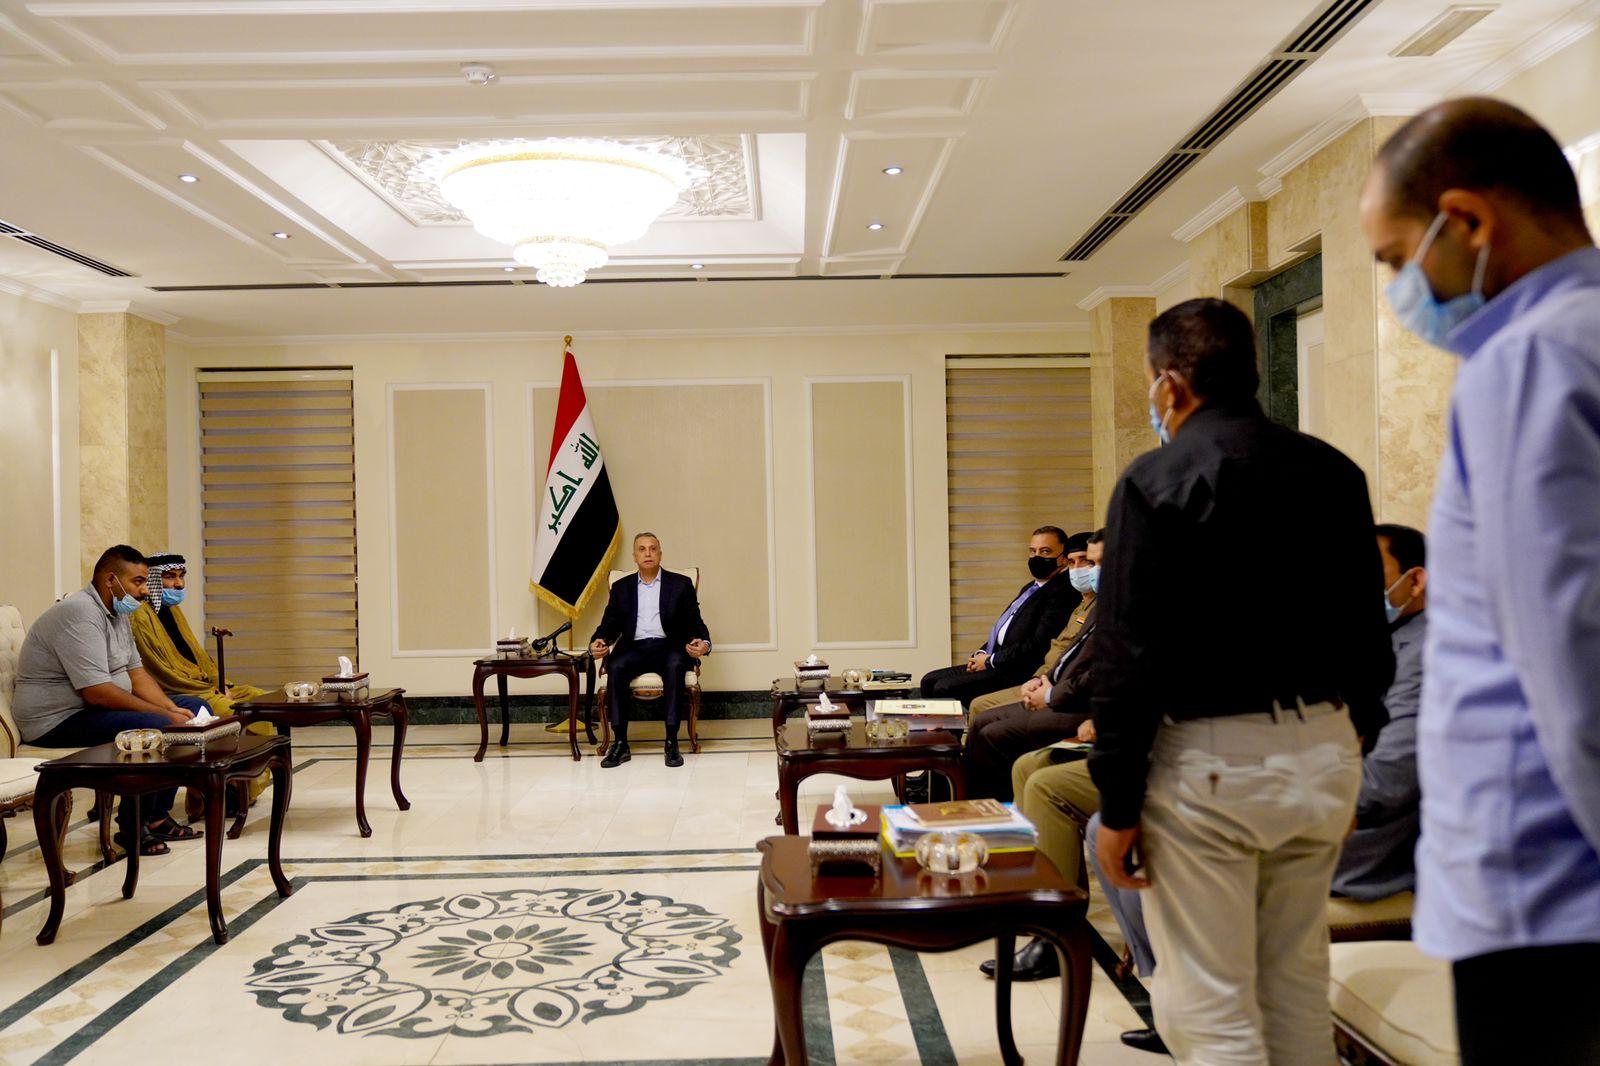 رئيس مجلس الوزراء السيد مصطفى الكاظمي يستقبل المواطن البريء علي الجبوري بحضور محققي قضيته